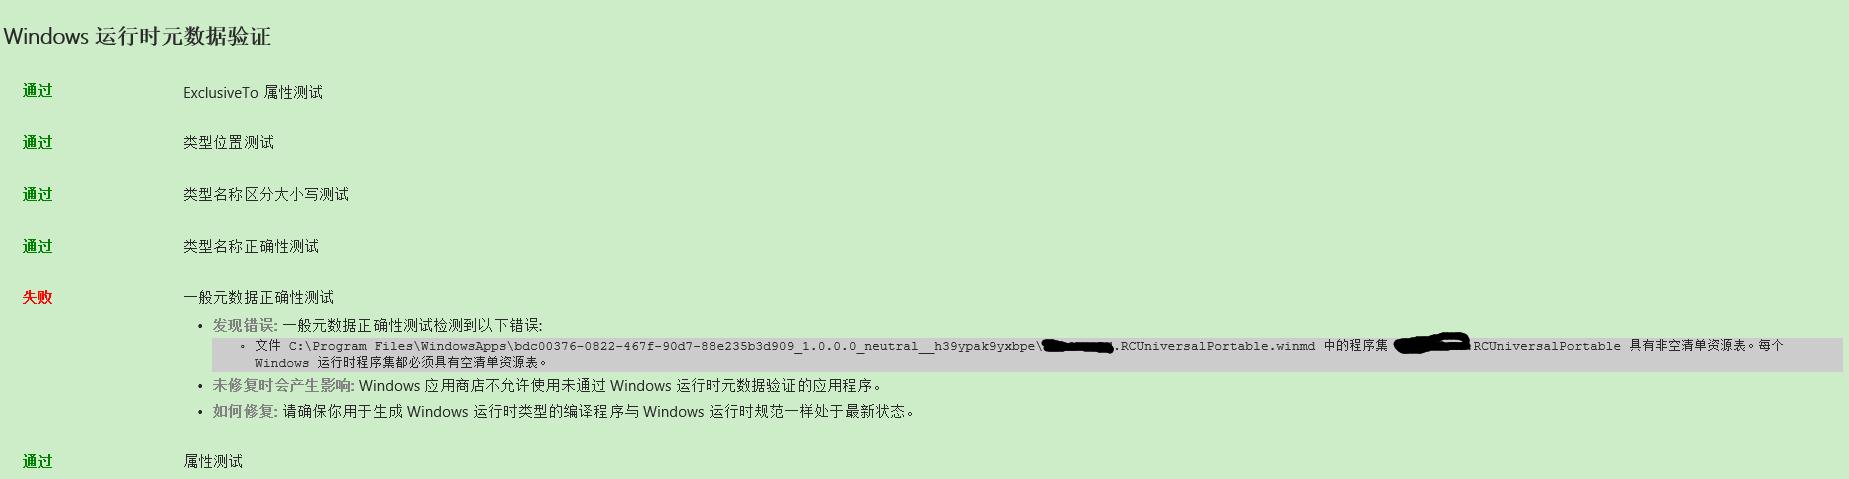 每个 Windows 运行时程序集都必须具有空清单资源表